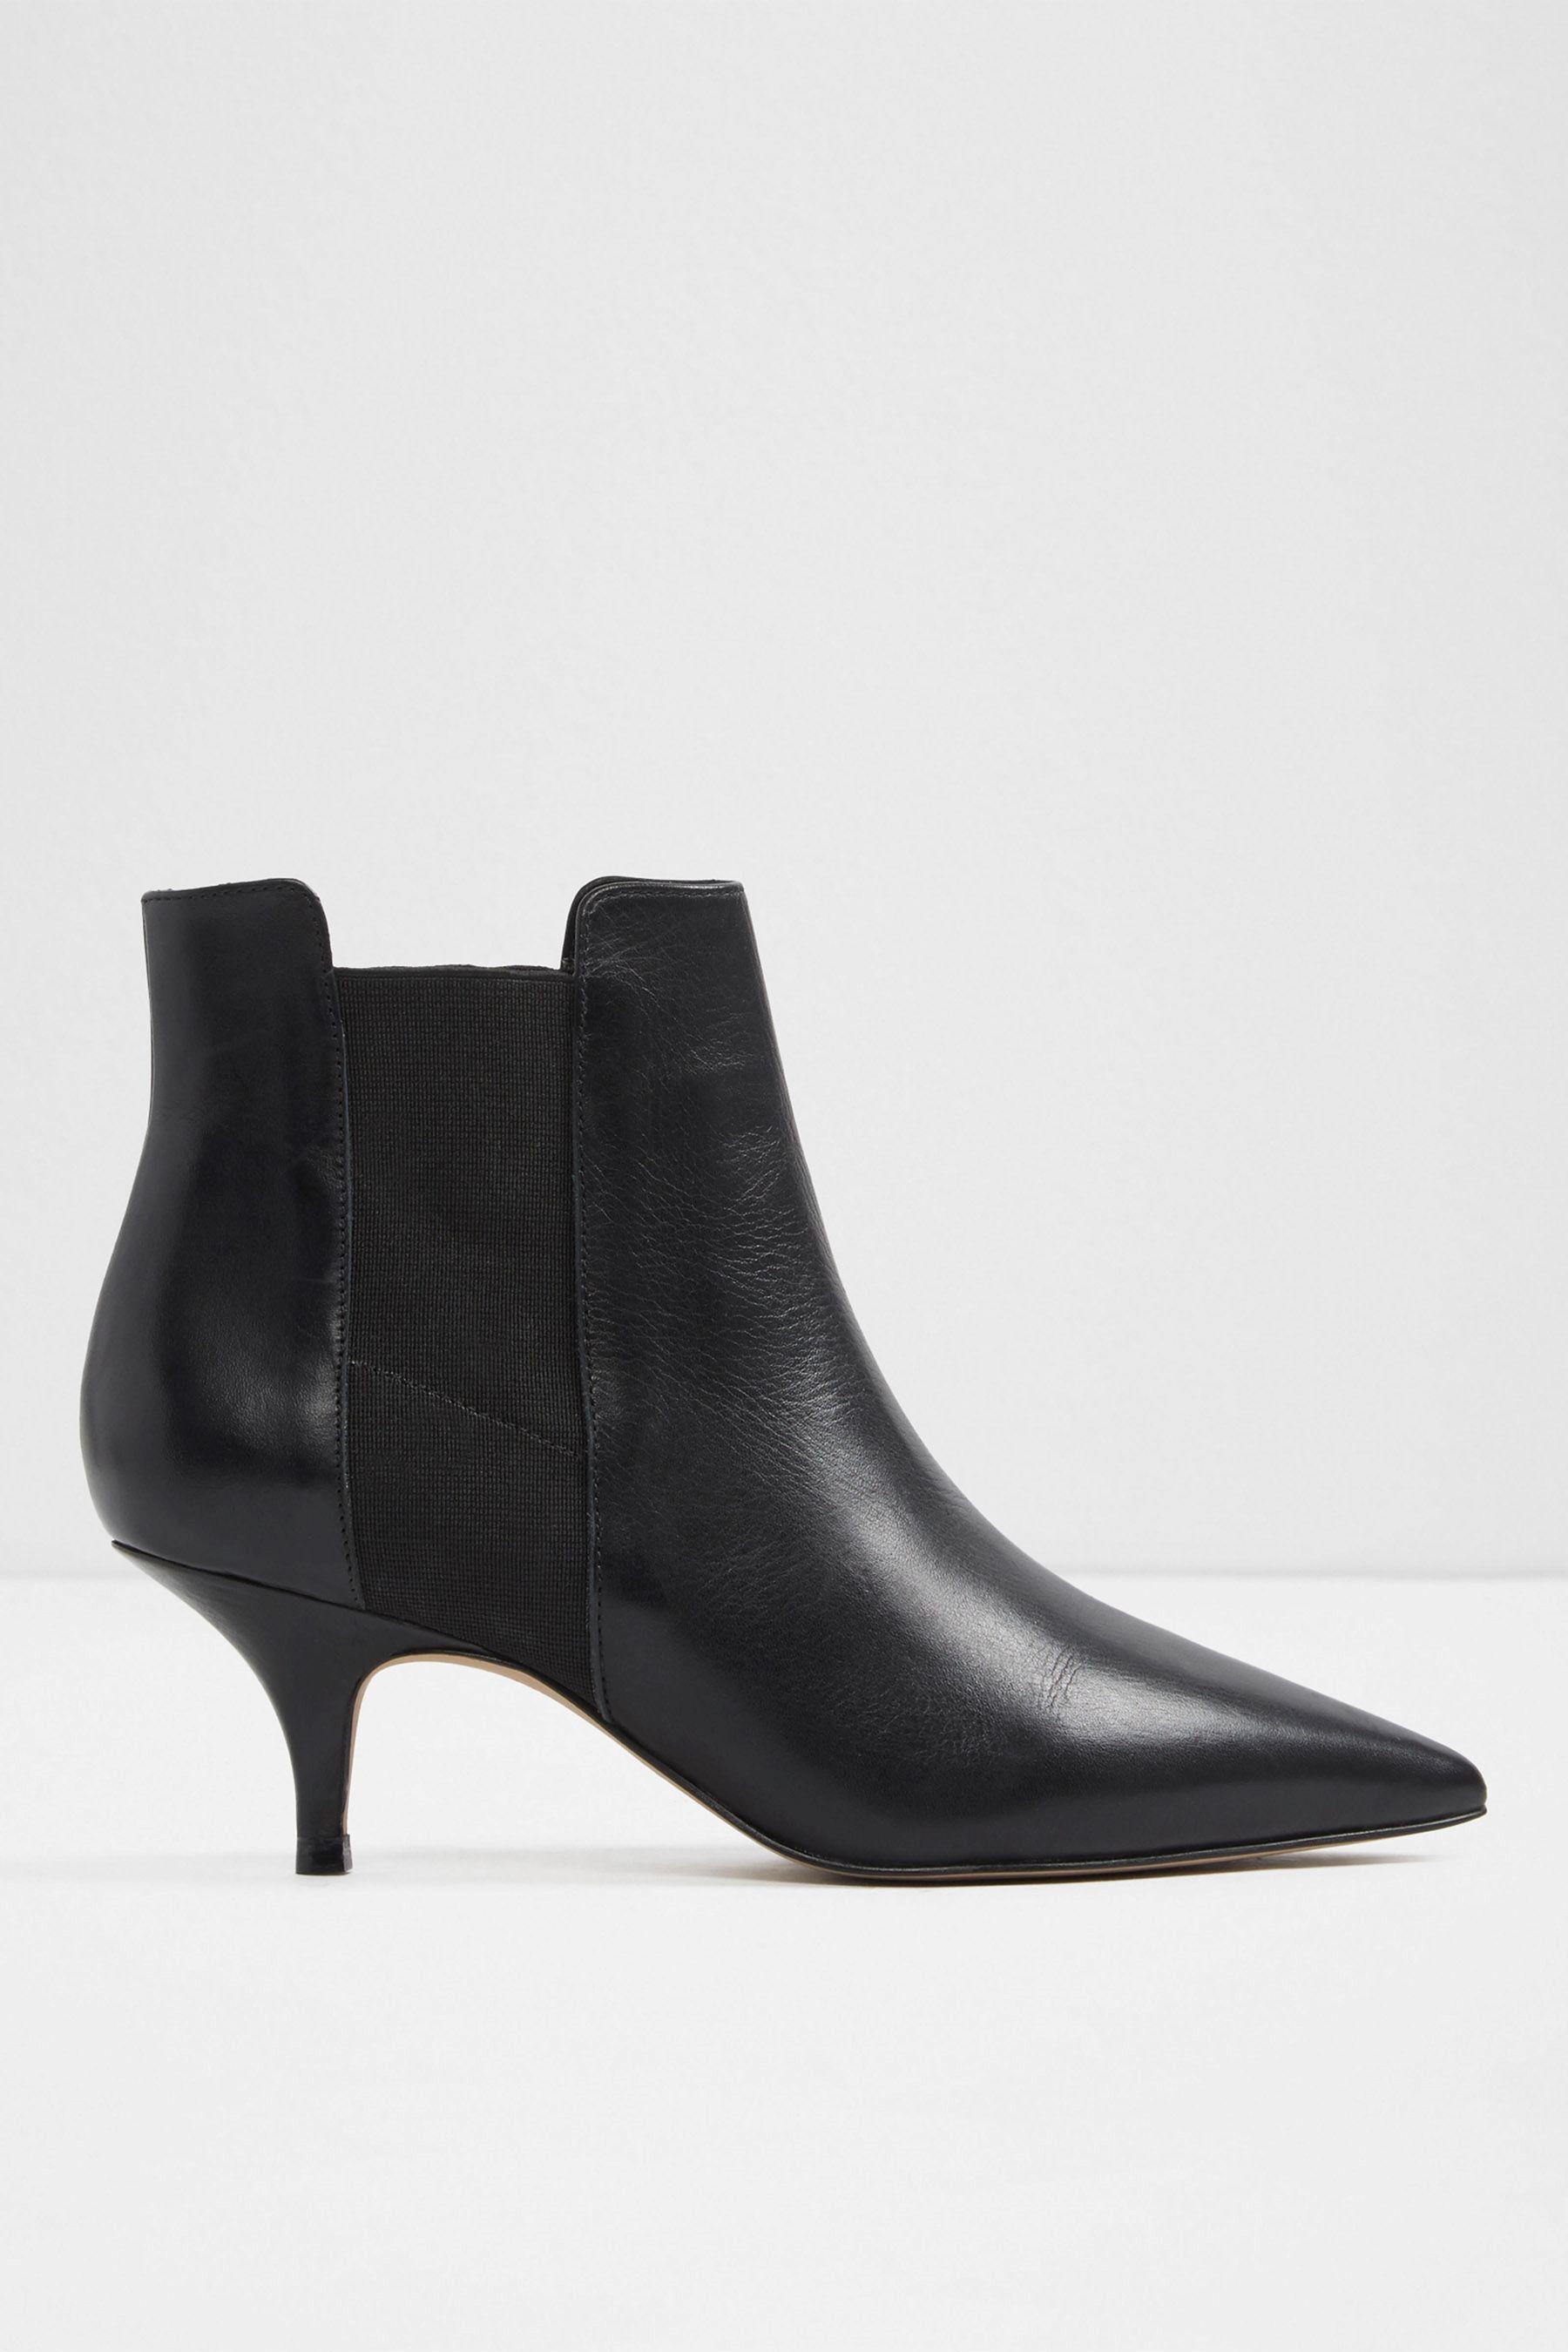 Womens Aldo Kitten Heel Chelsea Leather Ankle Boot Black Black Heel Boots Boots Chelsea Ankle Boots